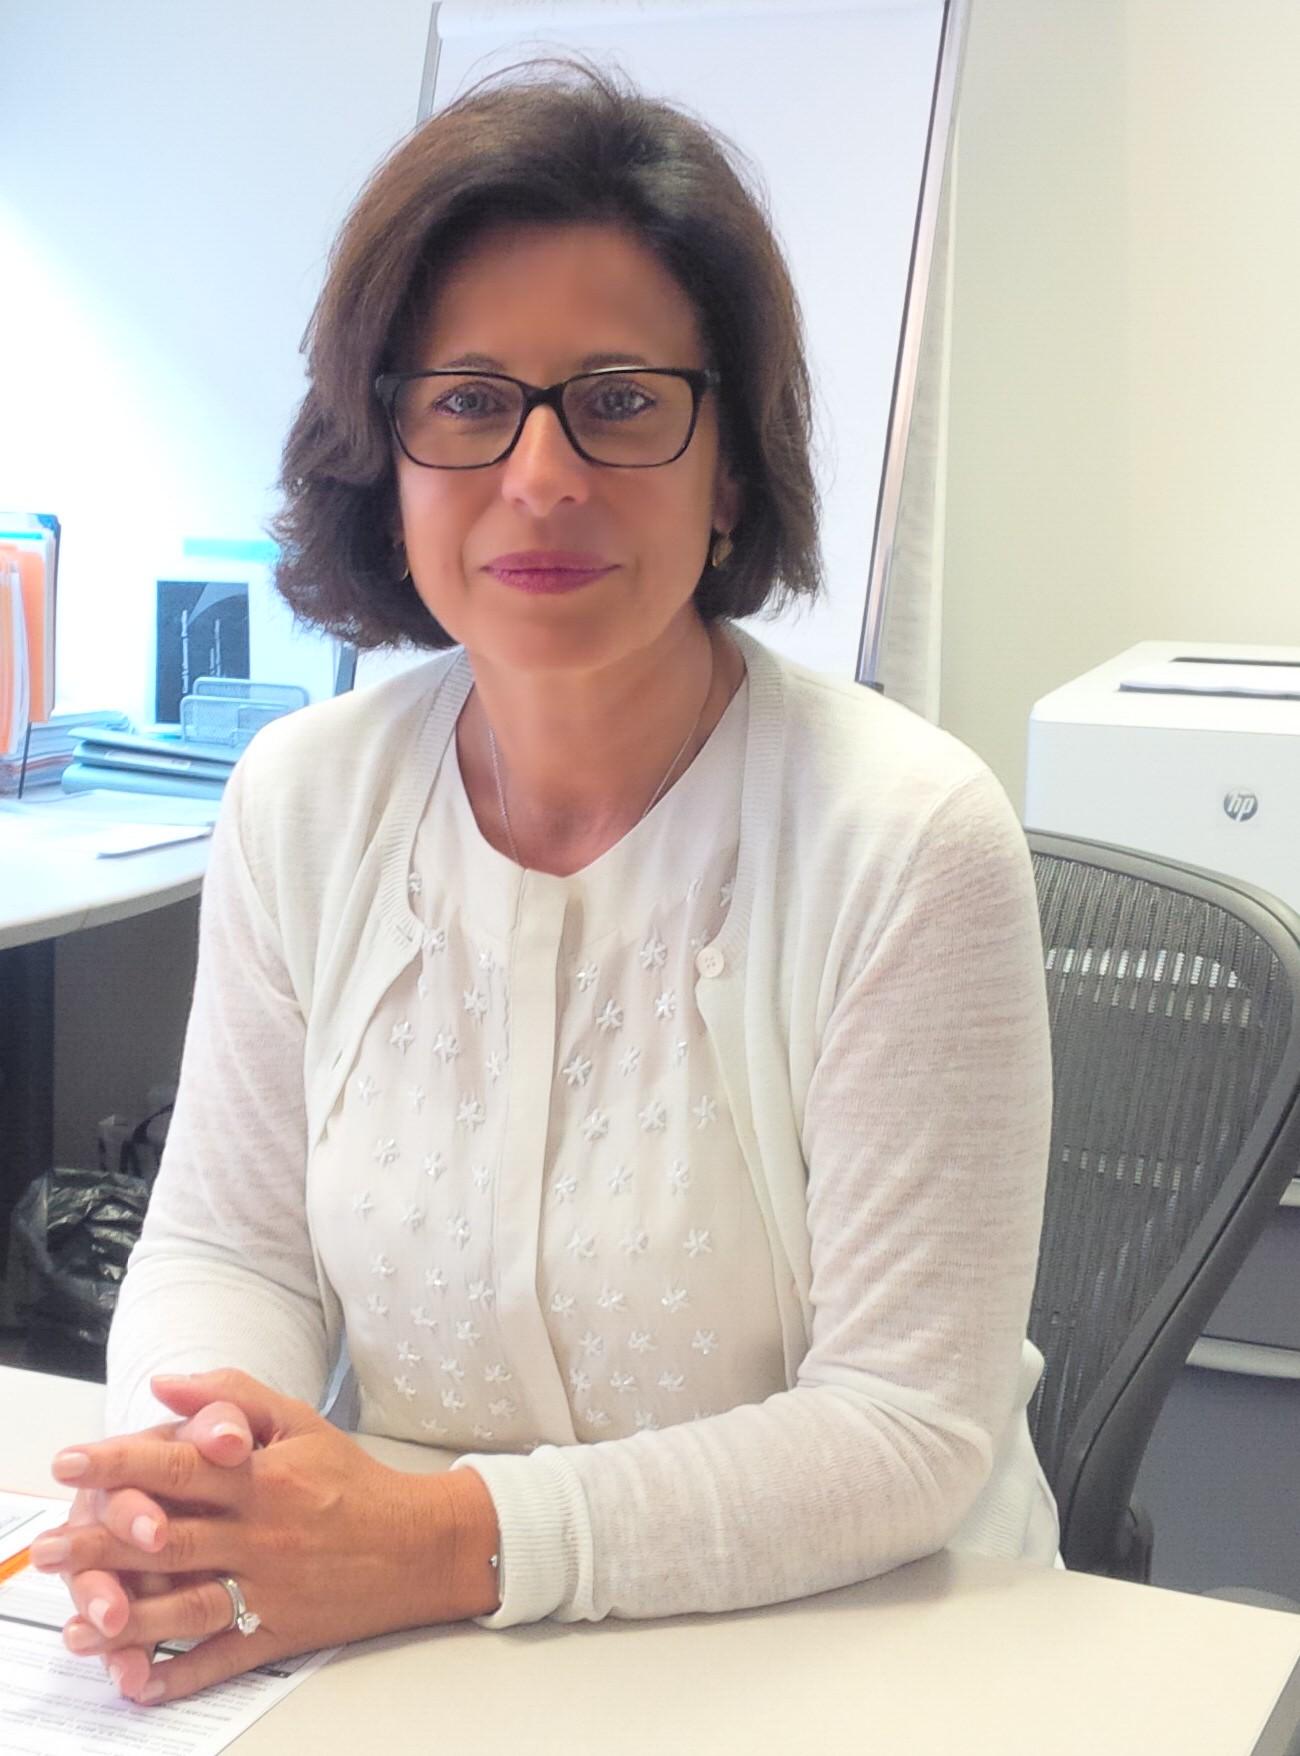 Lorella Di Donato, PhD